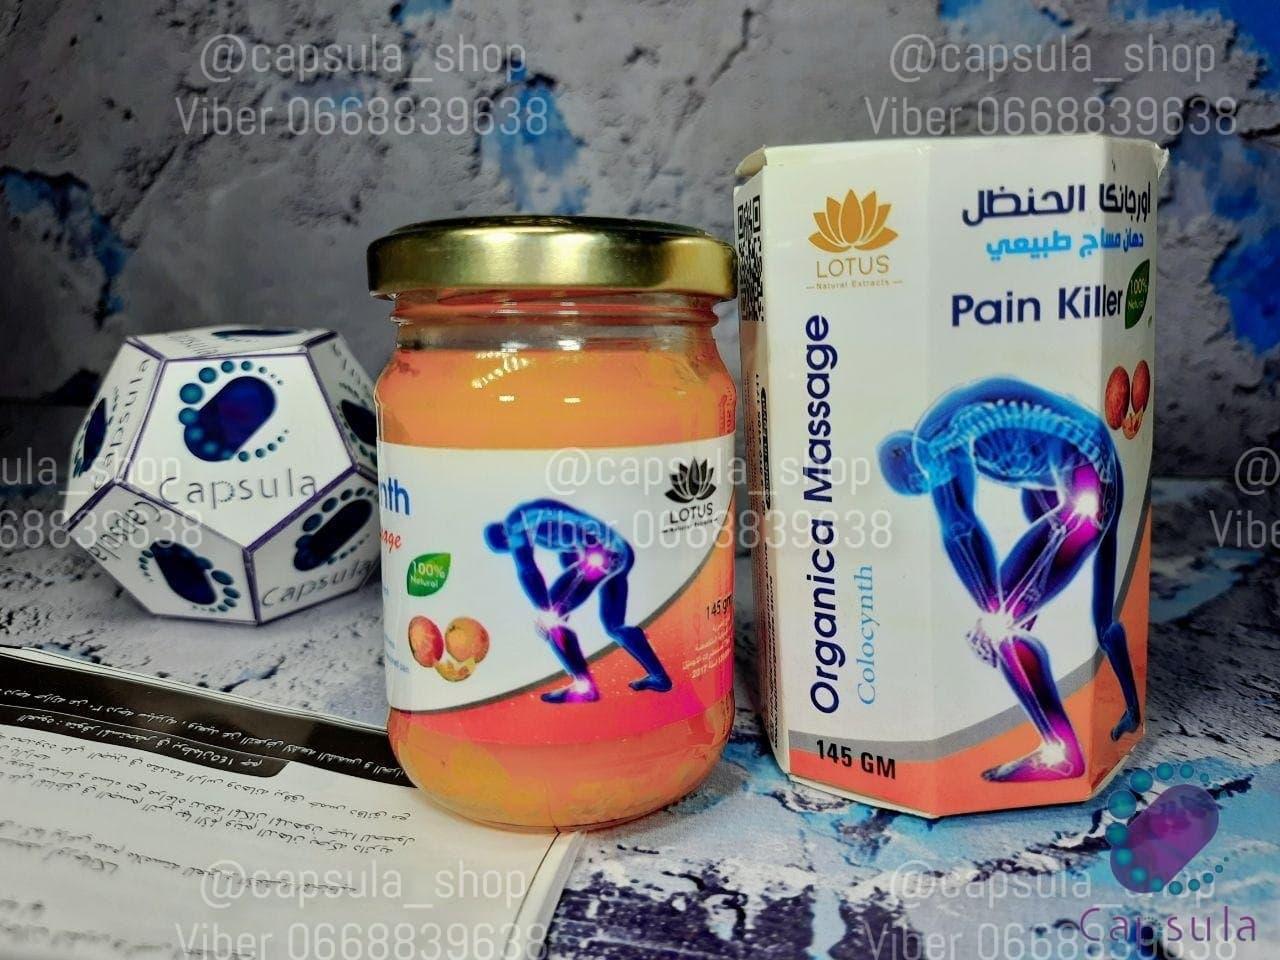 Organica Massage Colocynth Pain Killer, Египет - бальзам для суставов от мышечной боли.